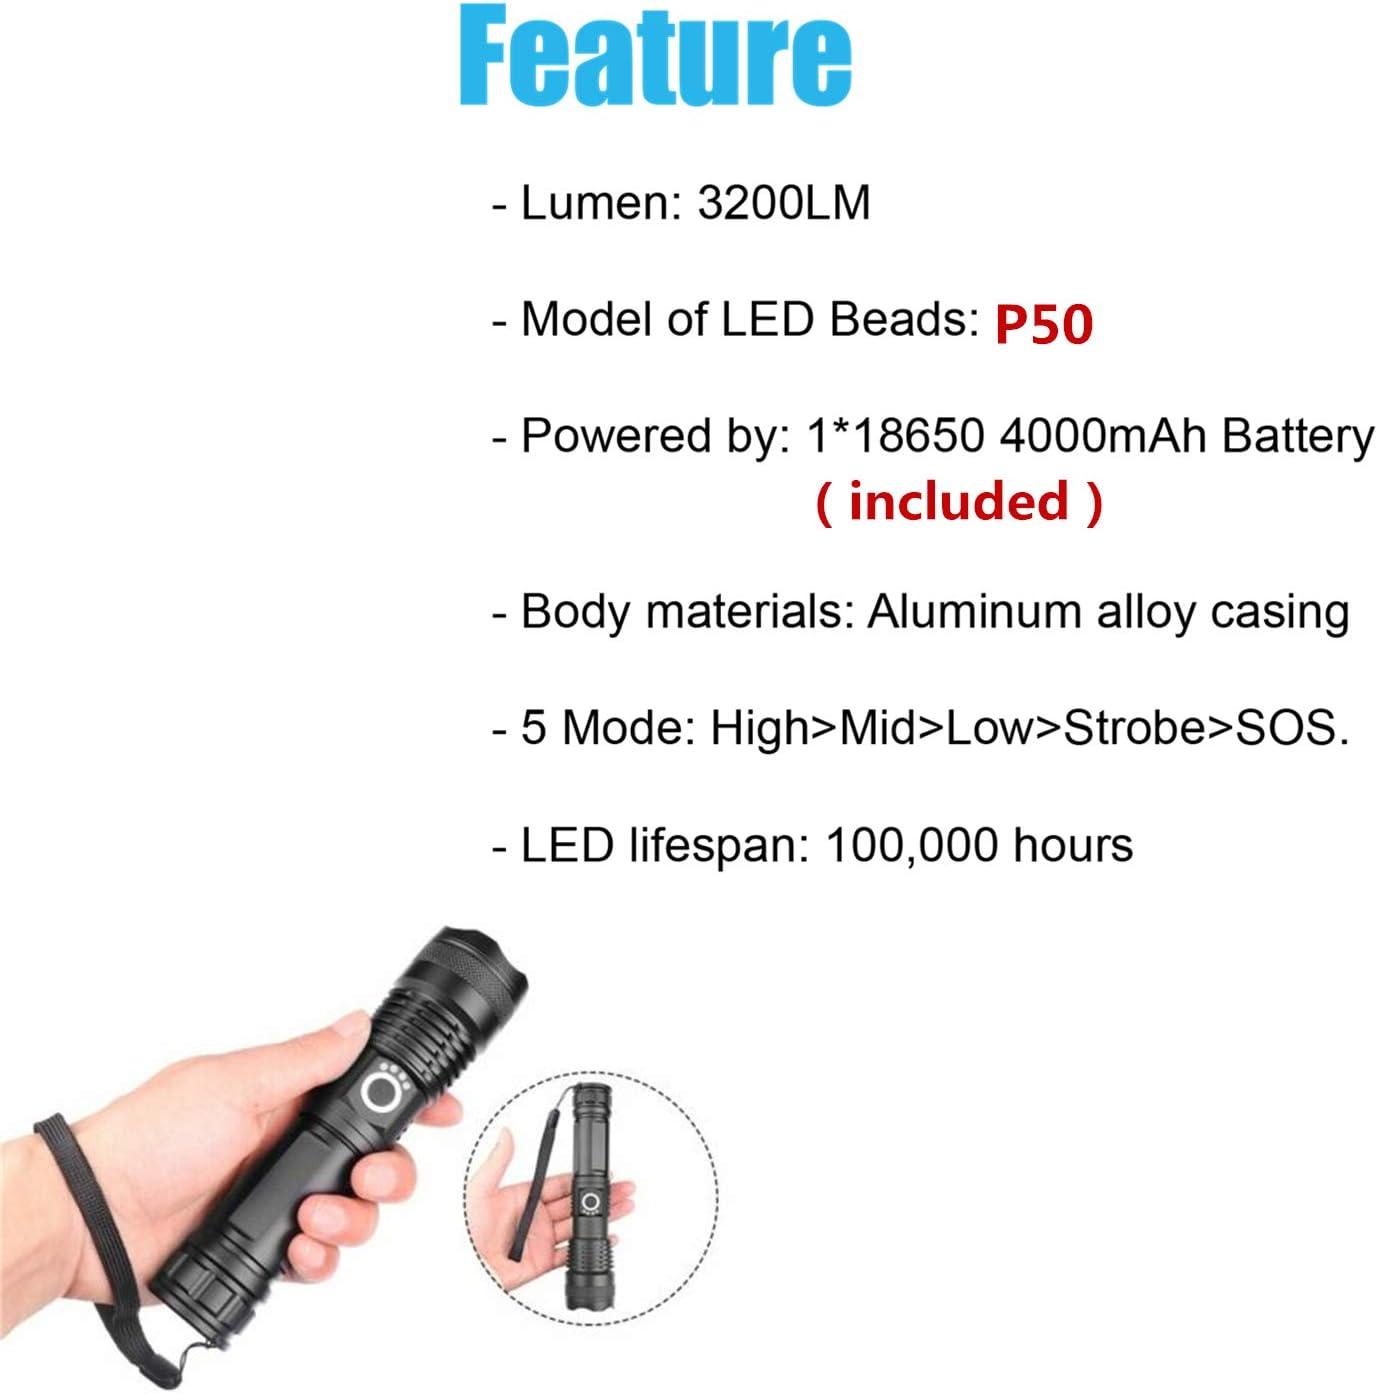 Jaxtec DEL Torche 5 Modes P50 lampe de poche avec chargeur USB Super Bright 3200 lm